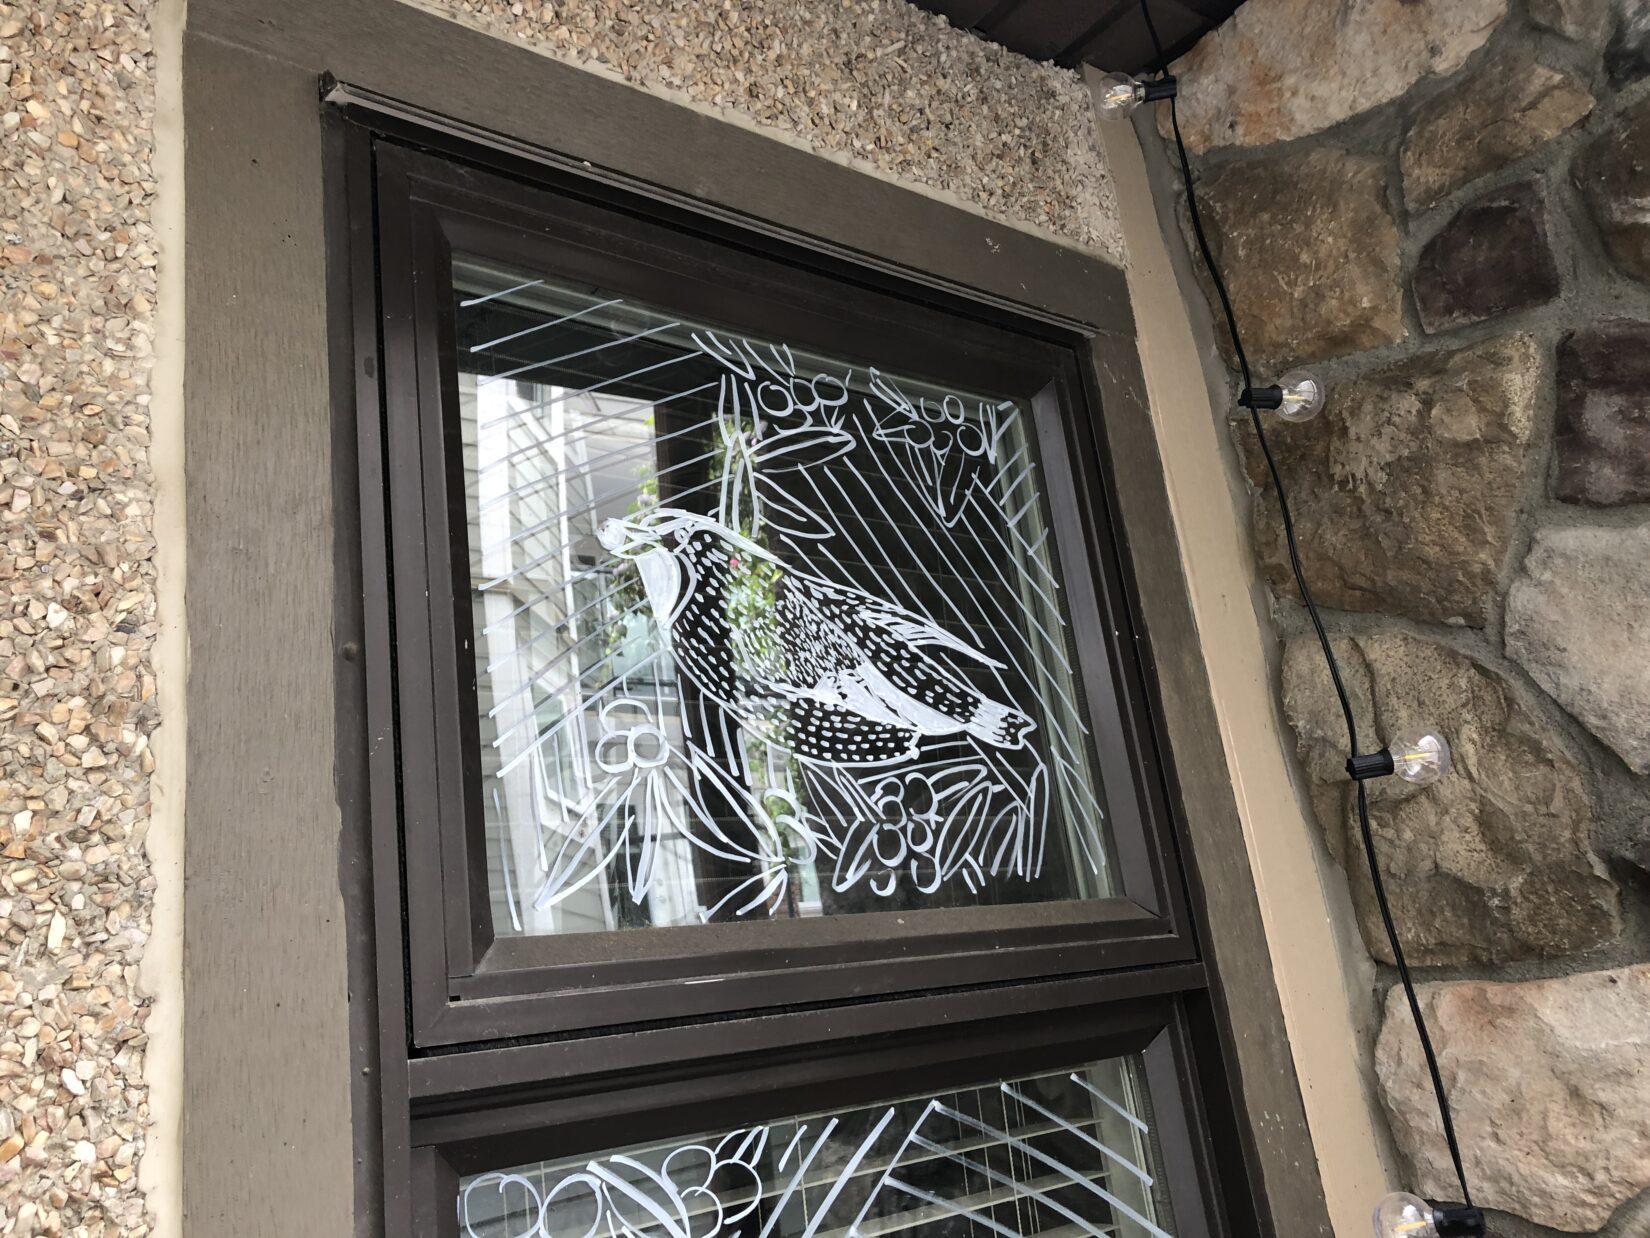 Hand-drawn design on a window to prevent bird strikes